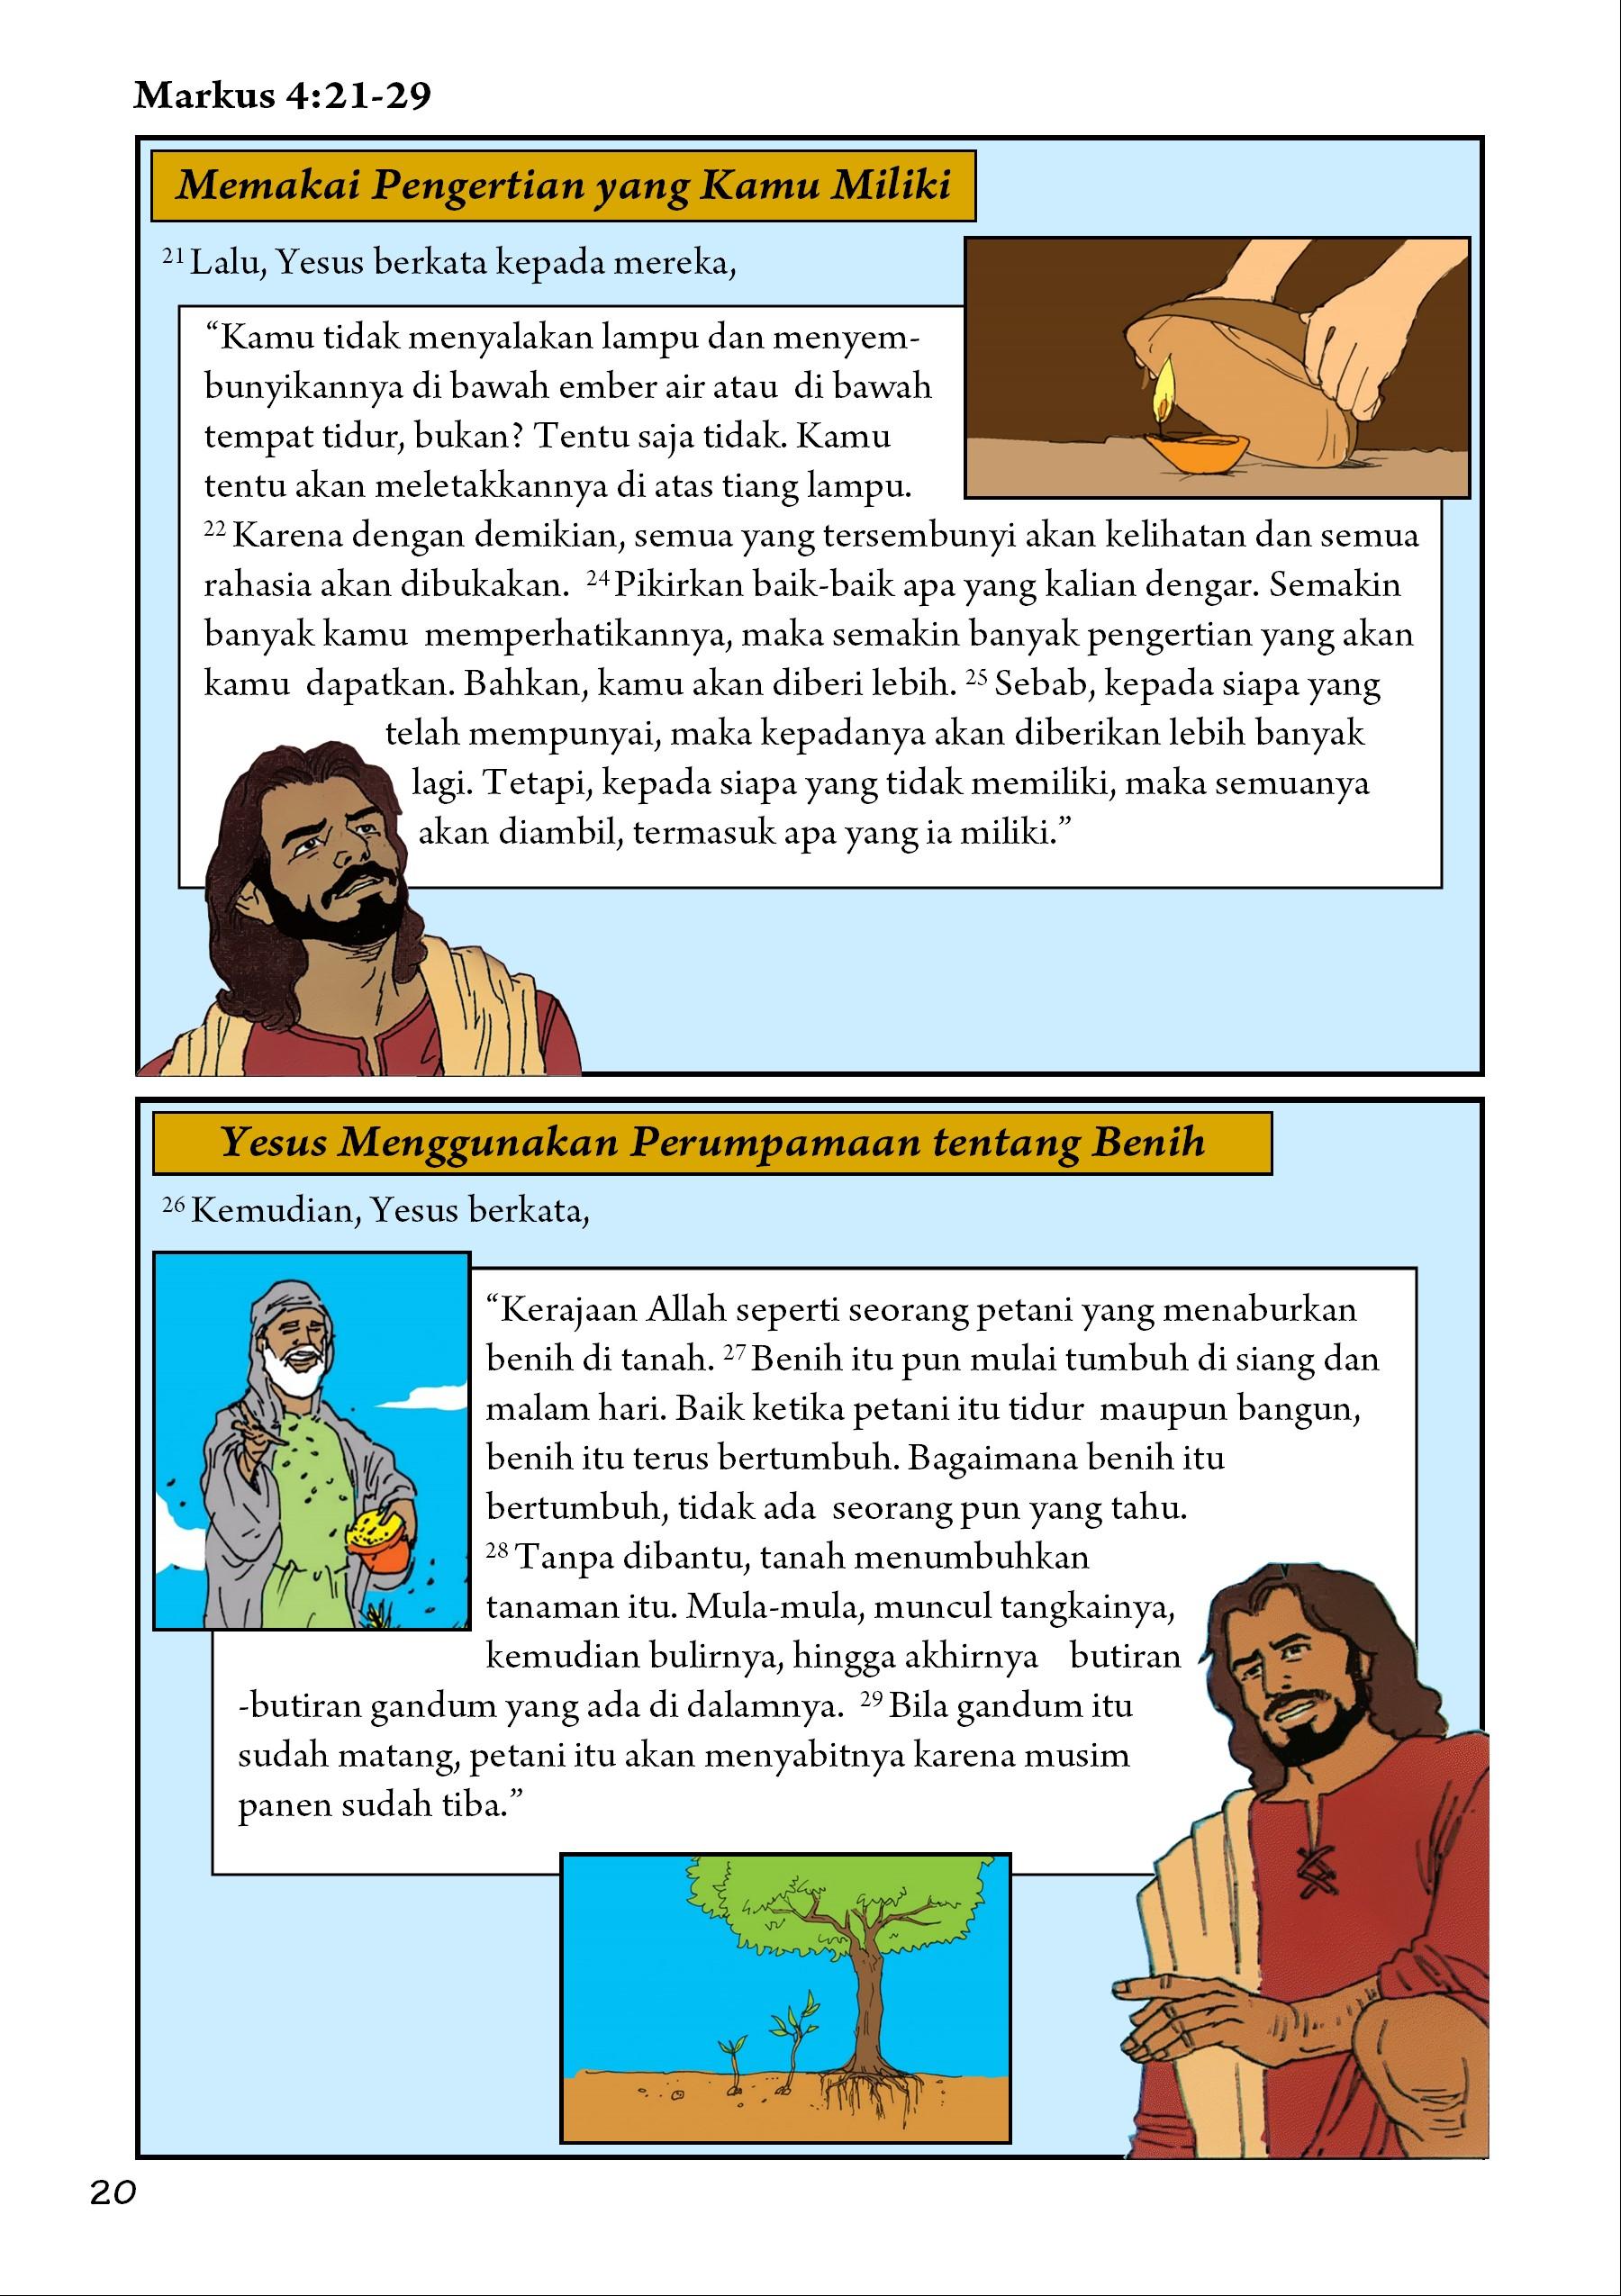 Markus 4:21-29